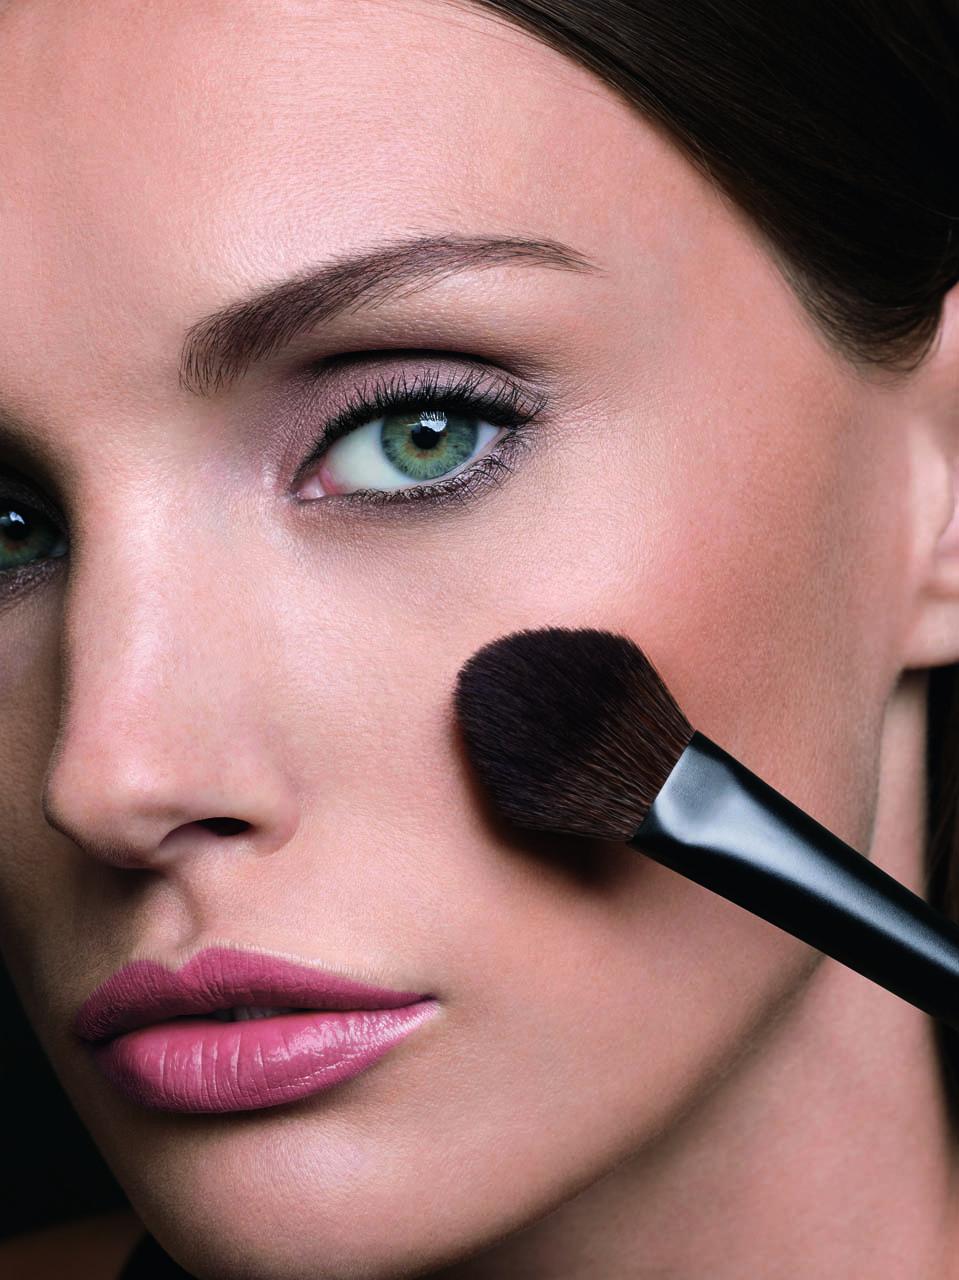 18_RV_20_Makeup_Winter-048_Okt2018_isoV2